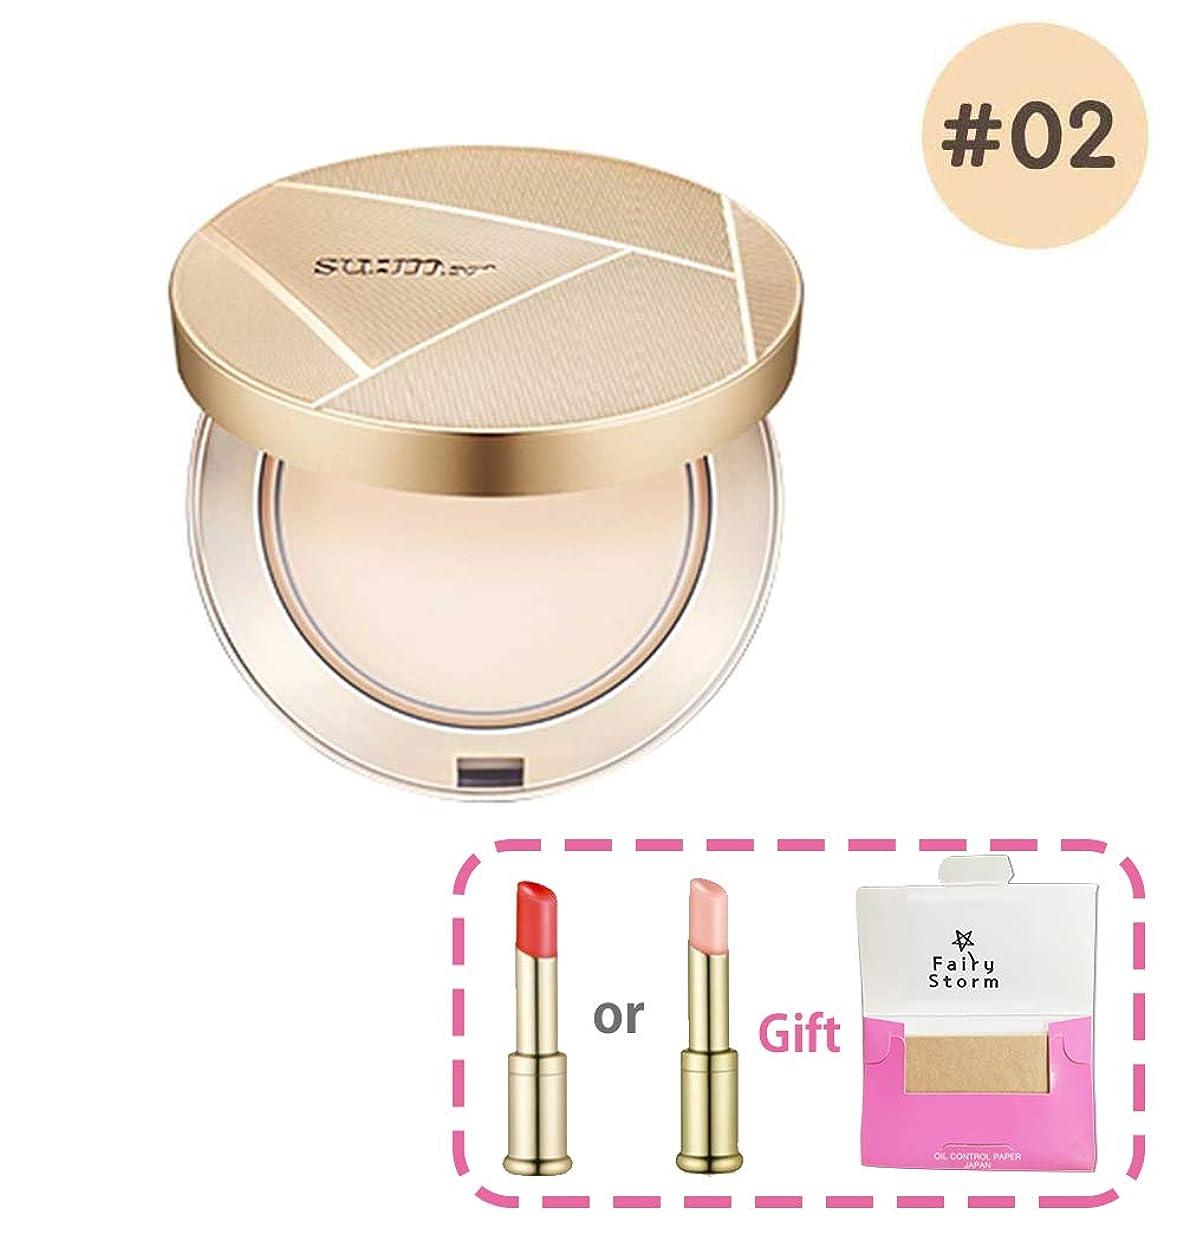 一杯マリンユニークな[su:m37/スム37°] sum37 Air risingTF Radiance Powder Pact SPF30/PA++/エアライジングTFラディアンスパウダーファクト 2号 +[Sample Gift](海外直送品)